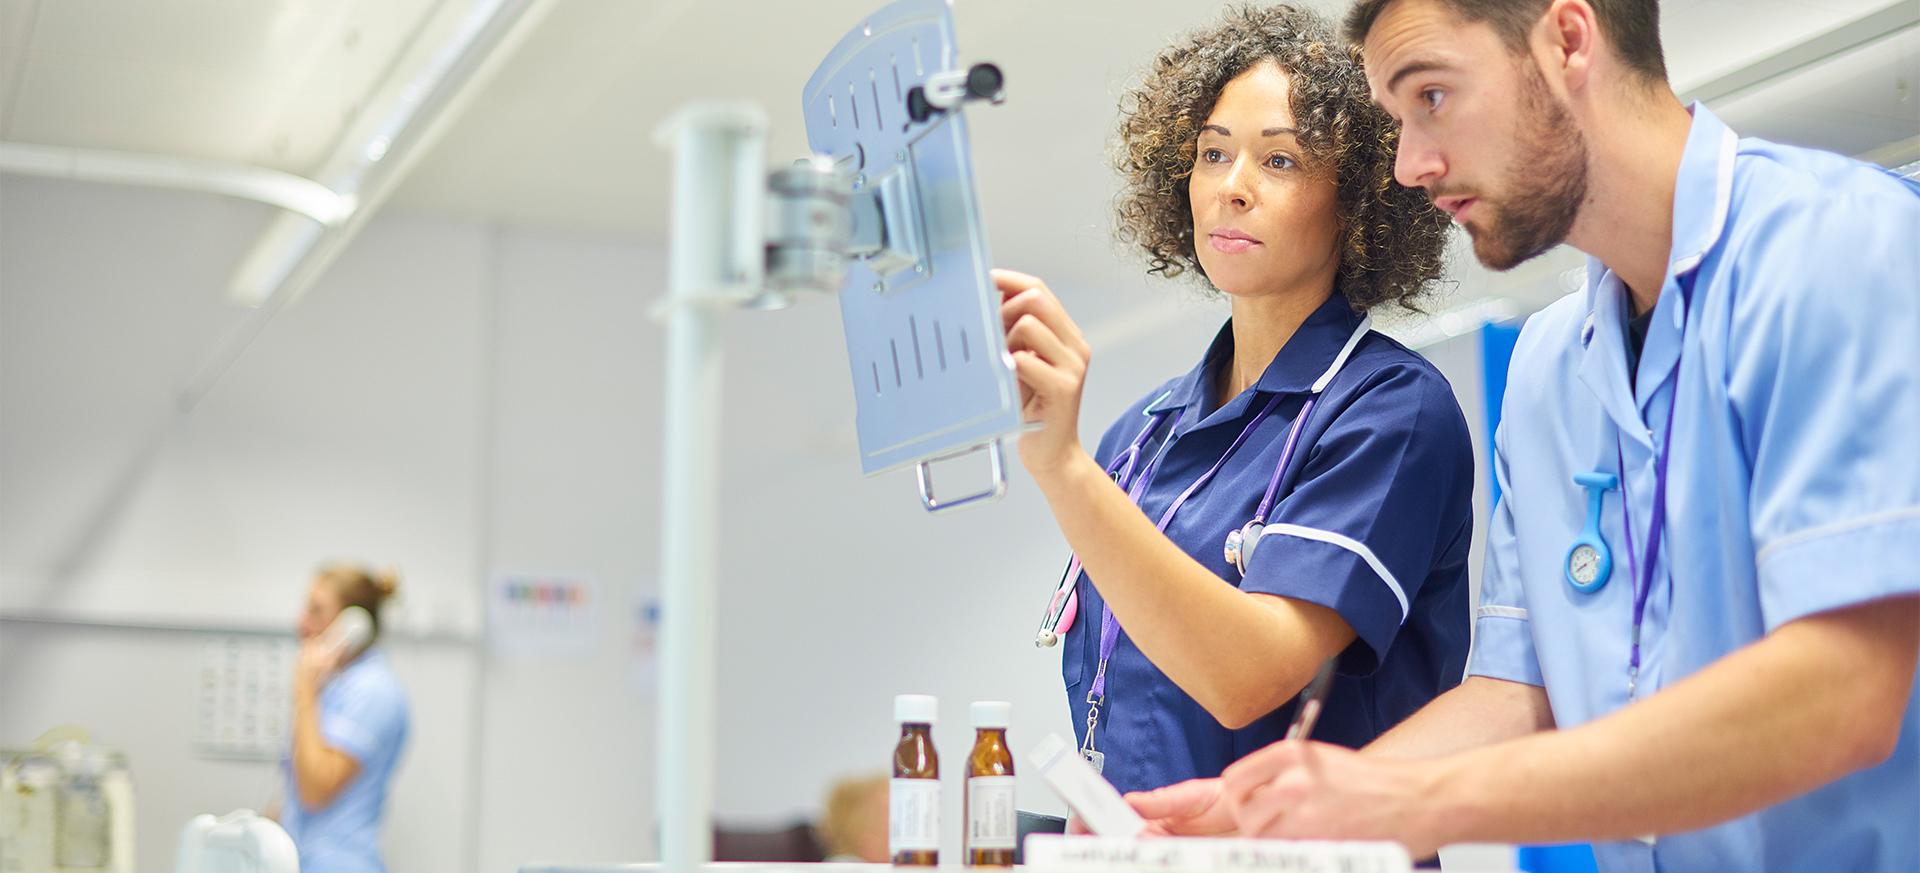 Arztassistentin unterstützt den leitenden Arzt